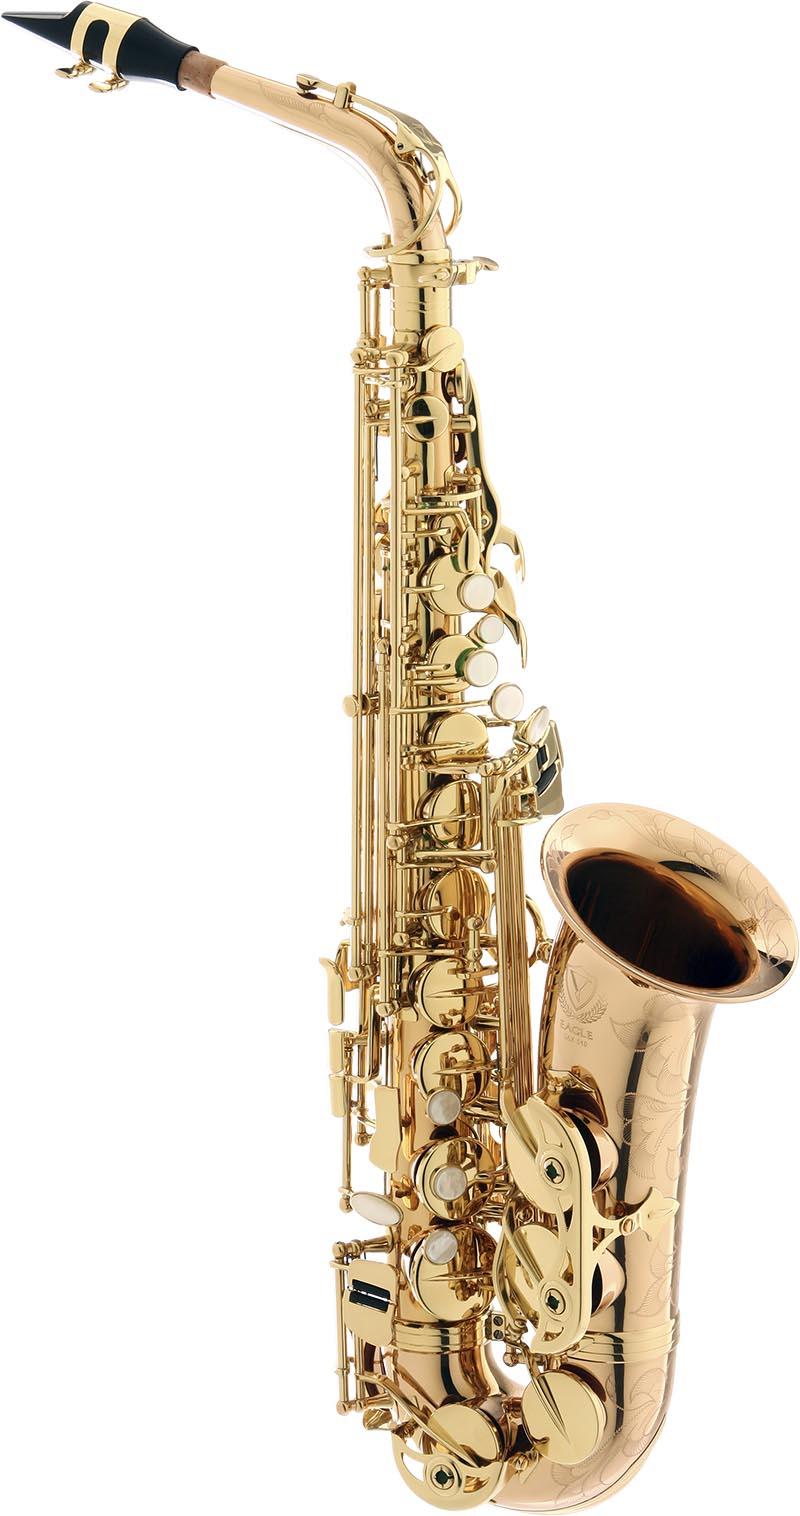 sax510 saxofone alto de bronze eagle sax510 laqueado